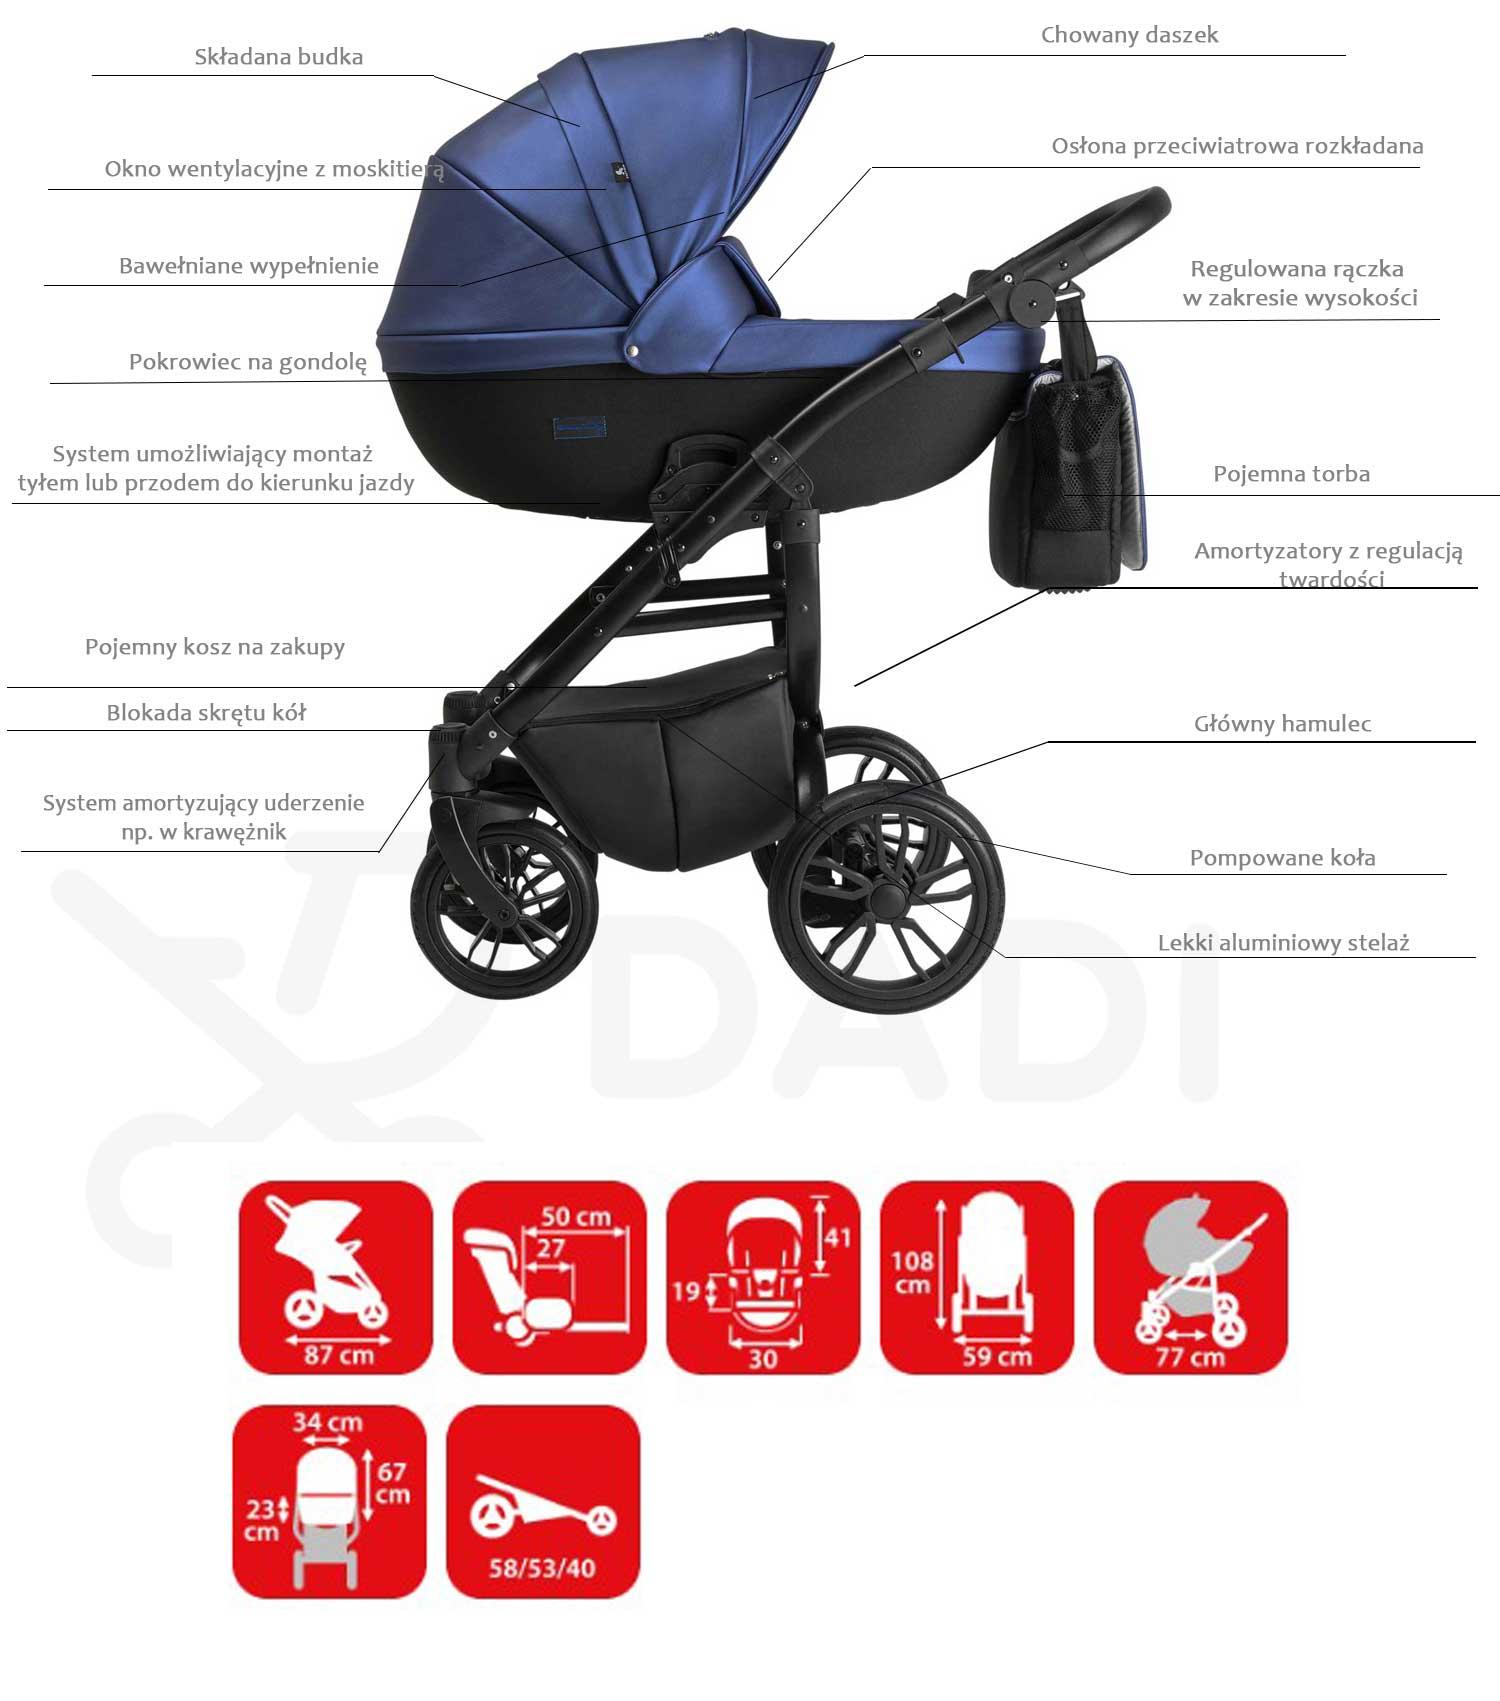 wózek dziecięcy Grander Play Eco Tutek opis